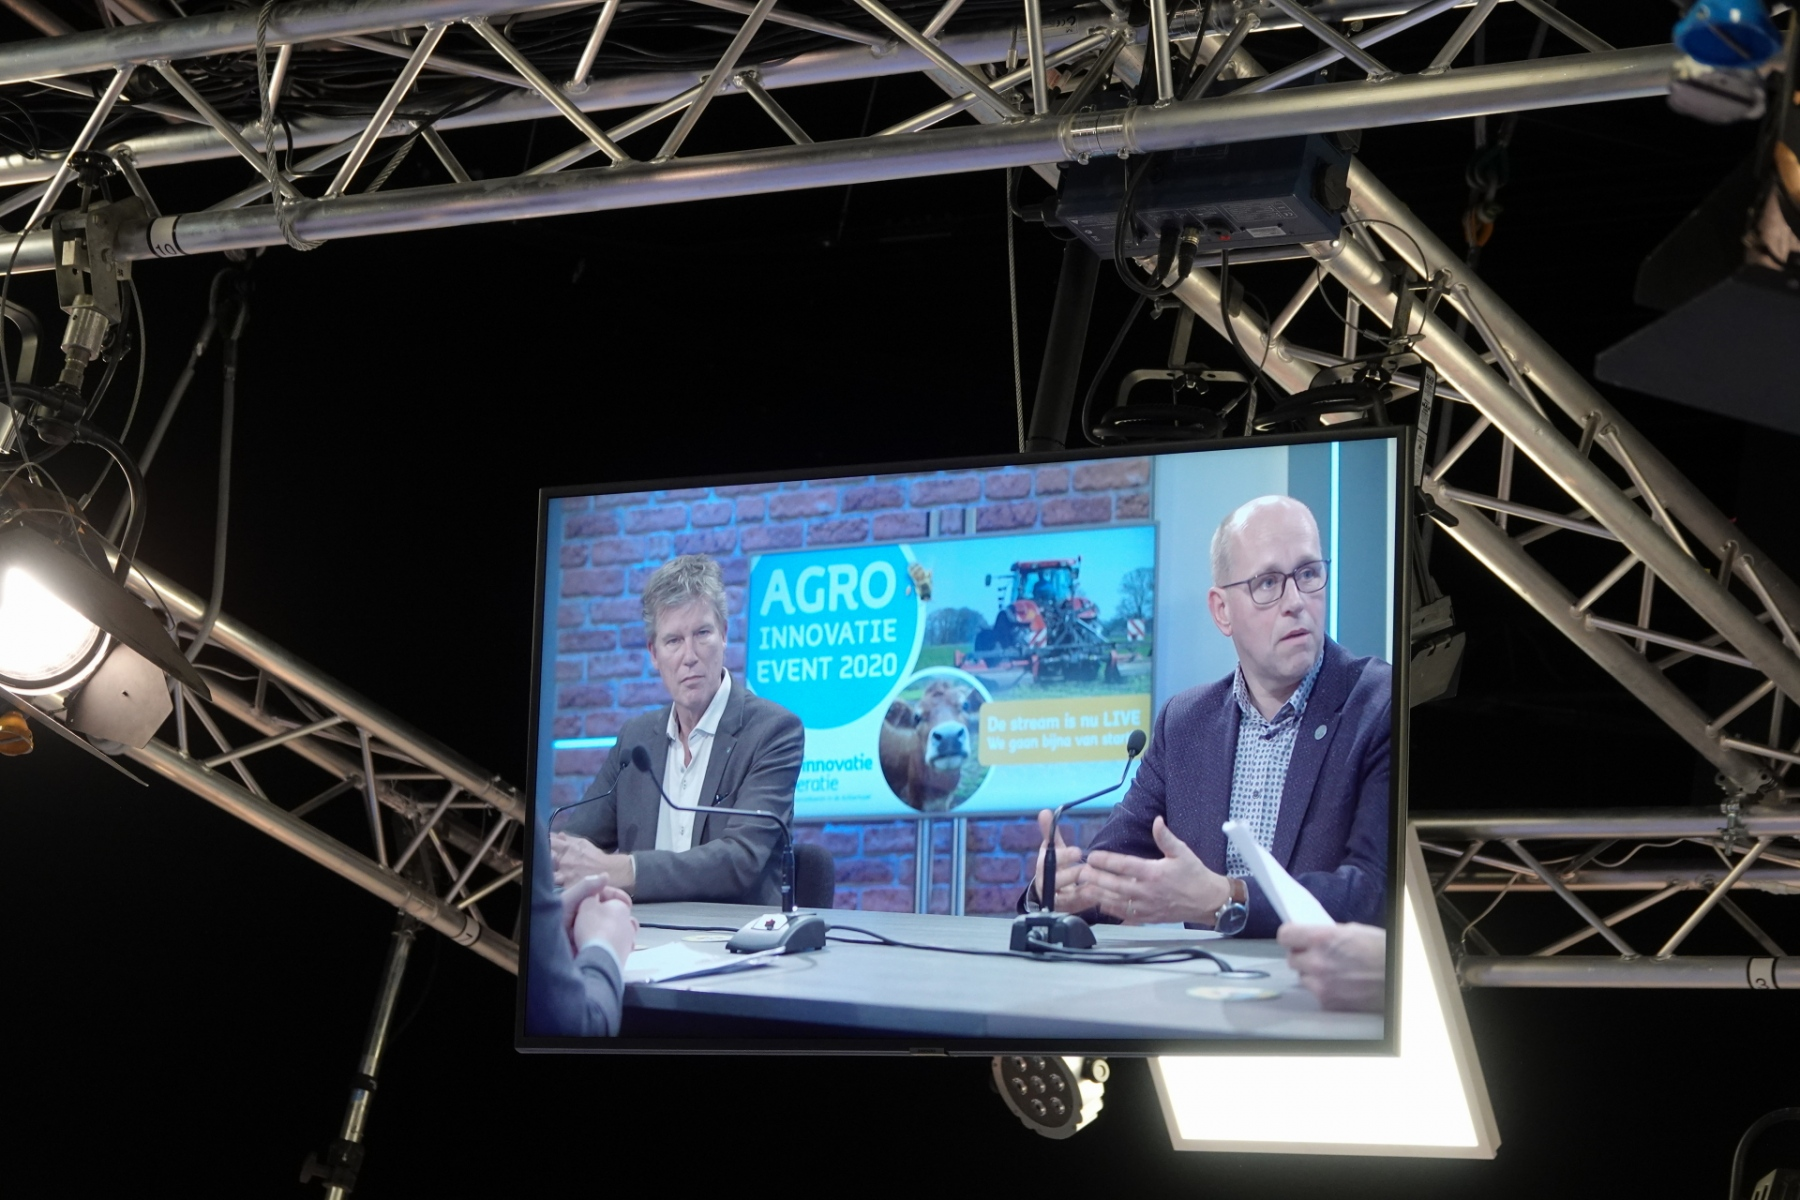 Agro-innovatie-event-2020-29